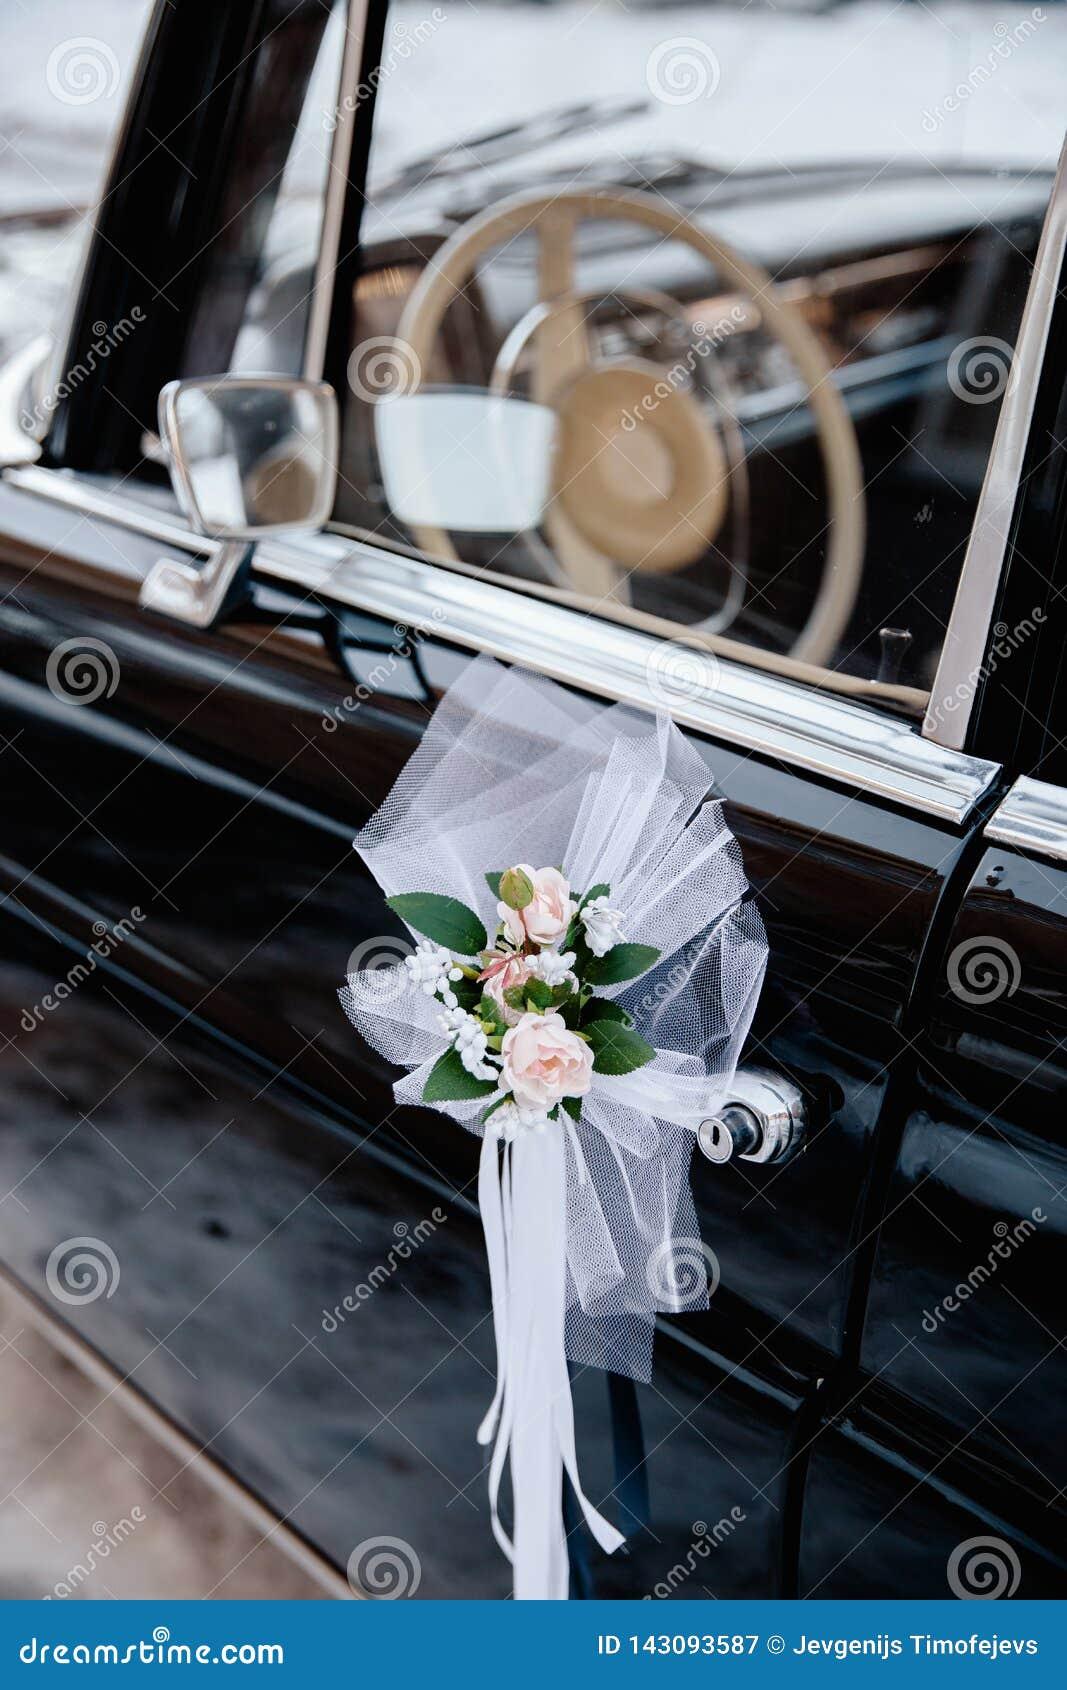 Imagem denominada retro de um autorrádio e de um painel velhos dentro de um carro clássico